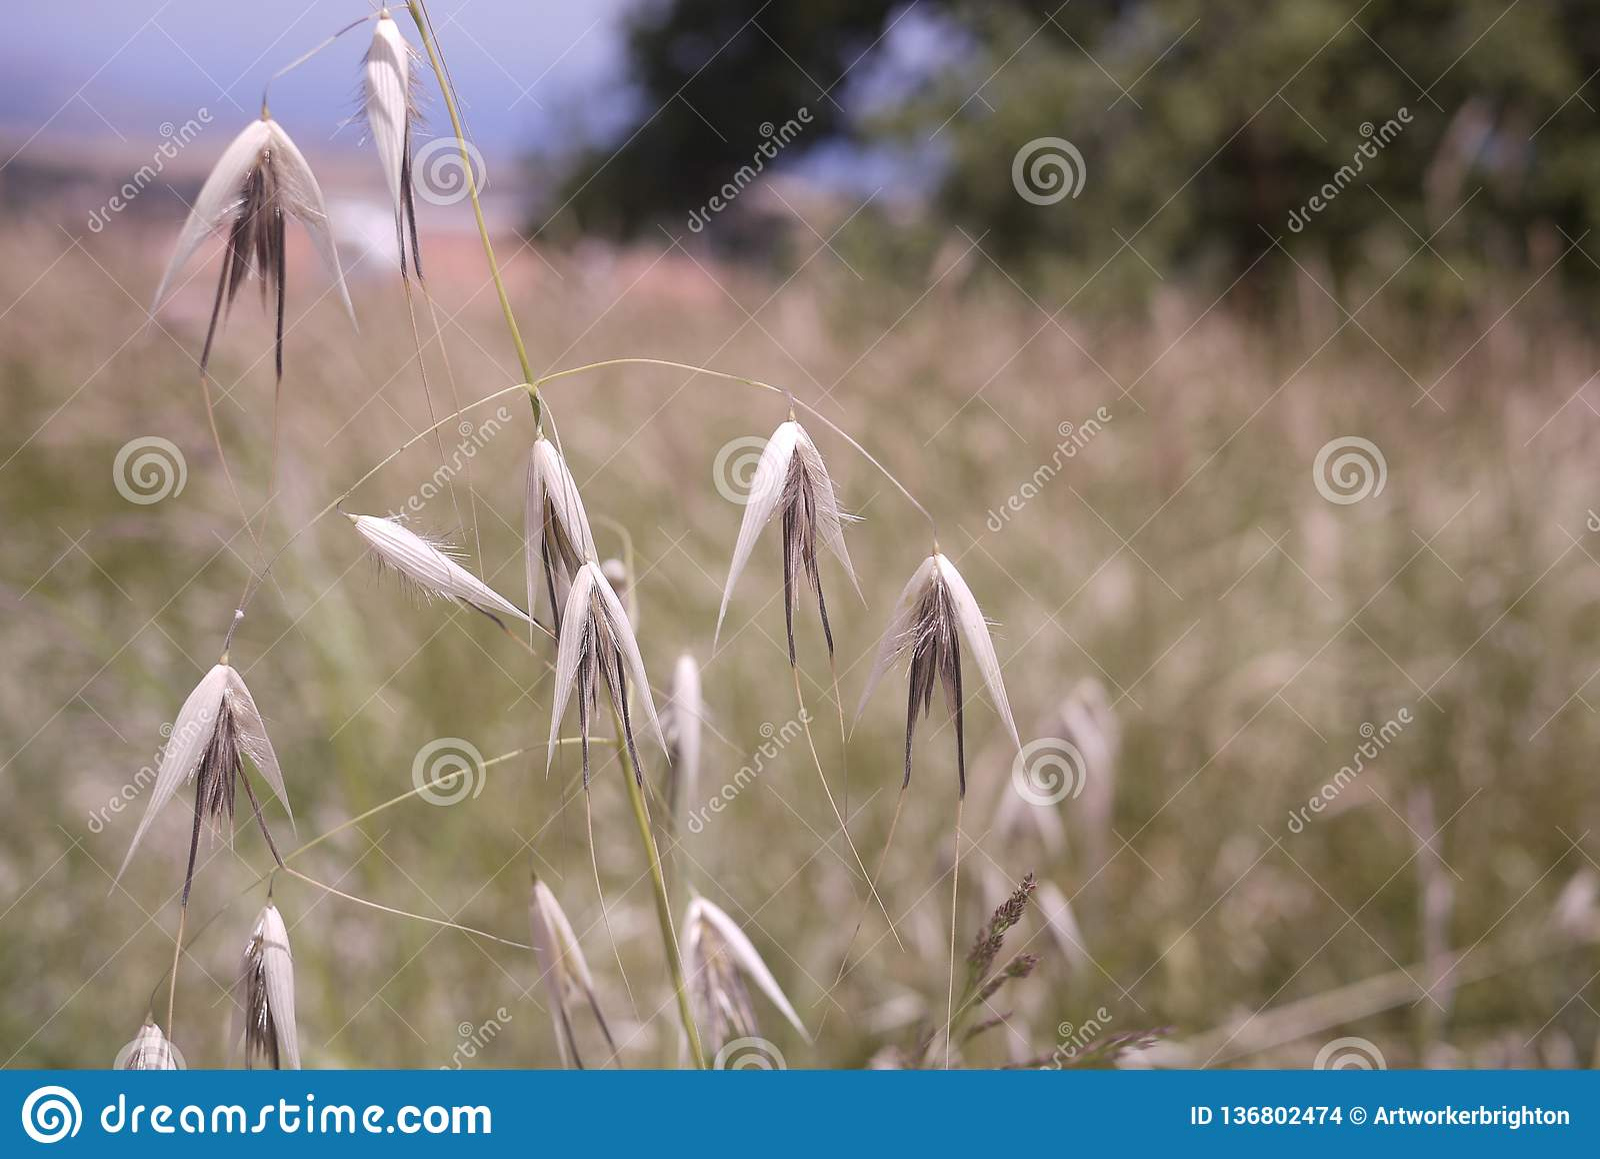 Dried grass seed heads split open in Cyprus field